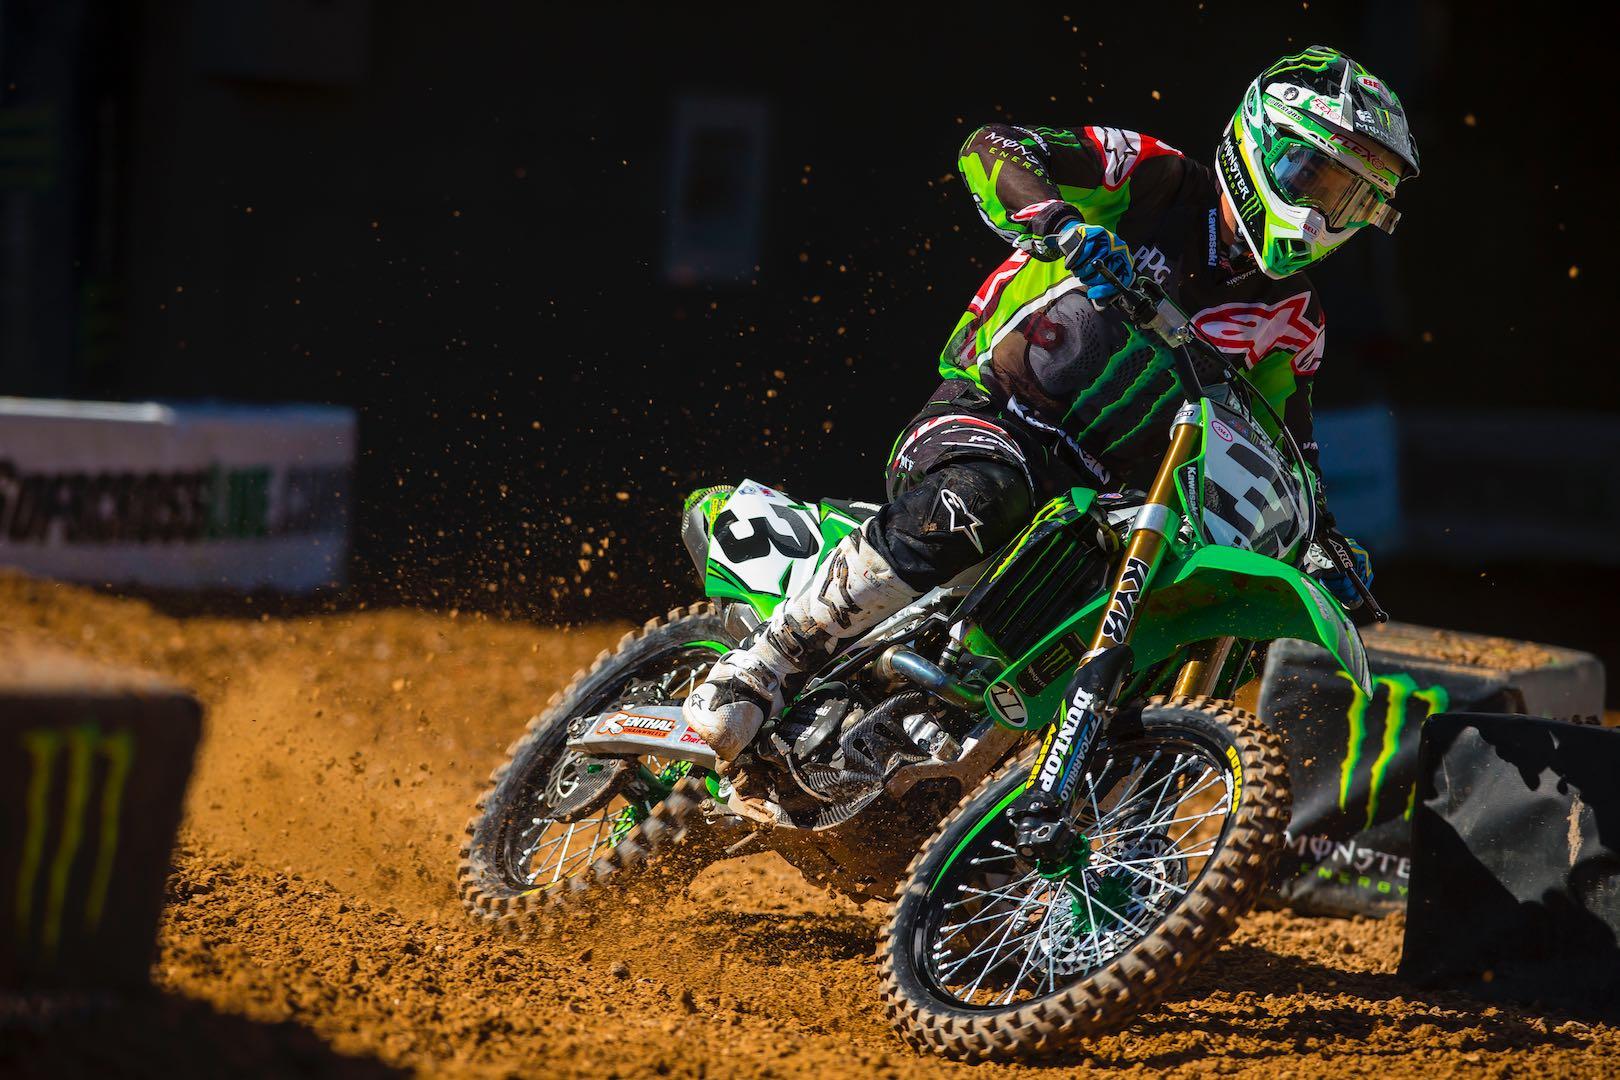 2017 St. Louis Supercross Preview: Kawasaki's Eli Tomac